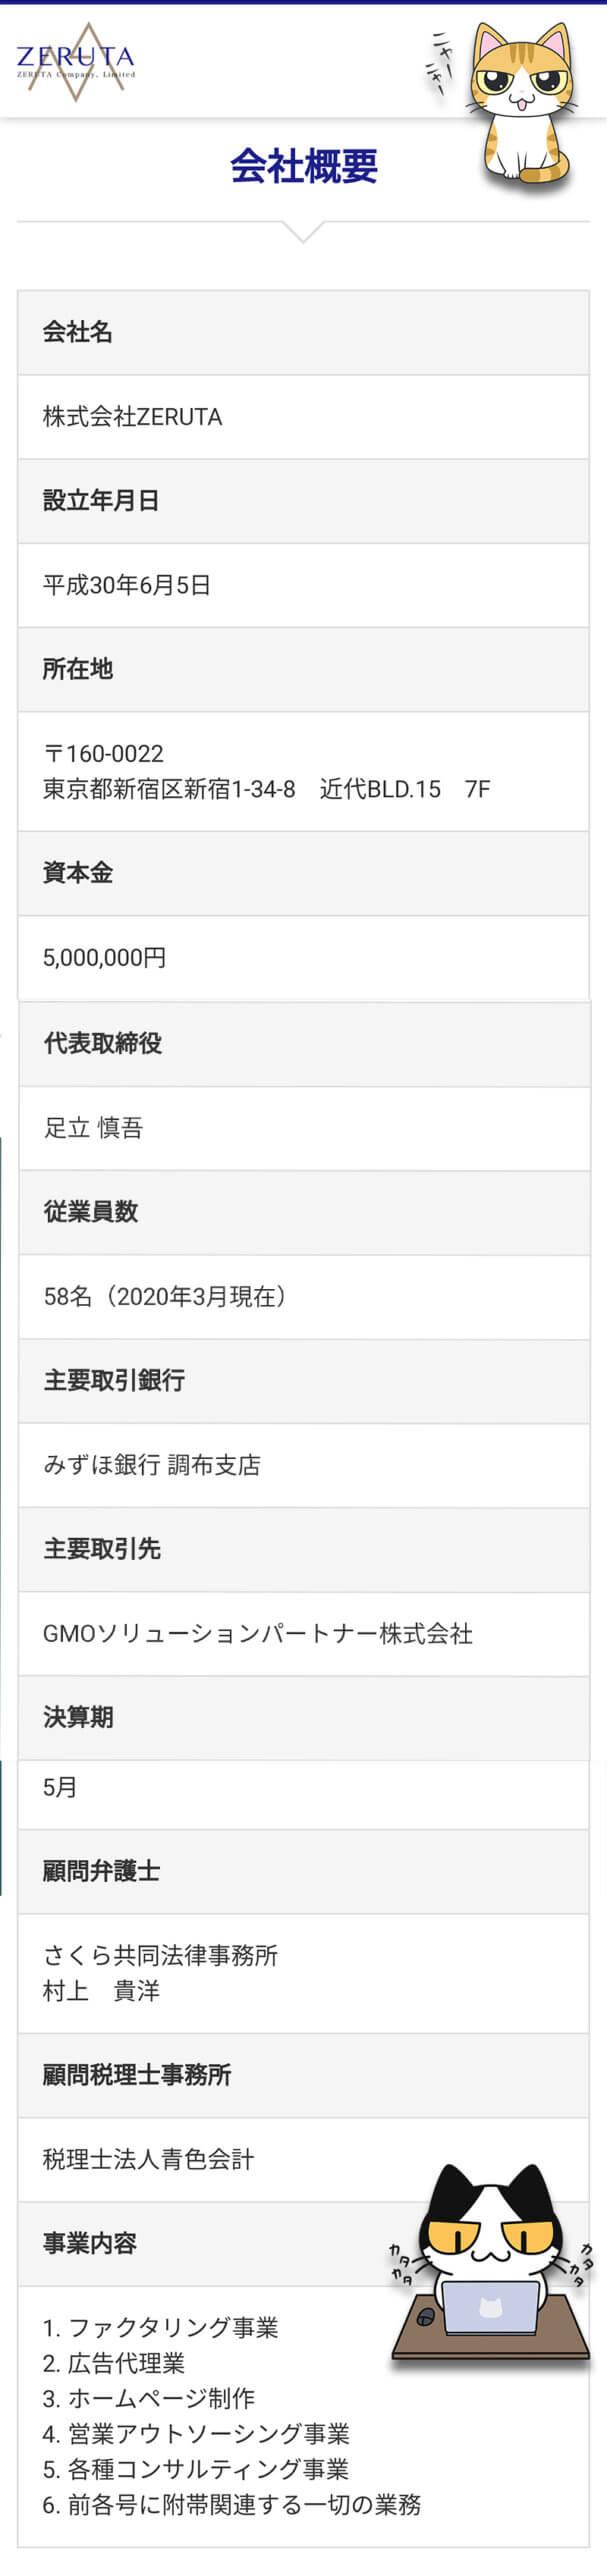 七福神株式会社ZERUTA